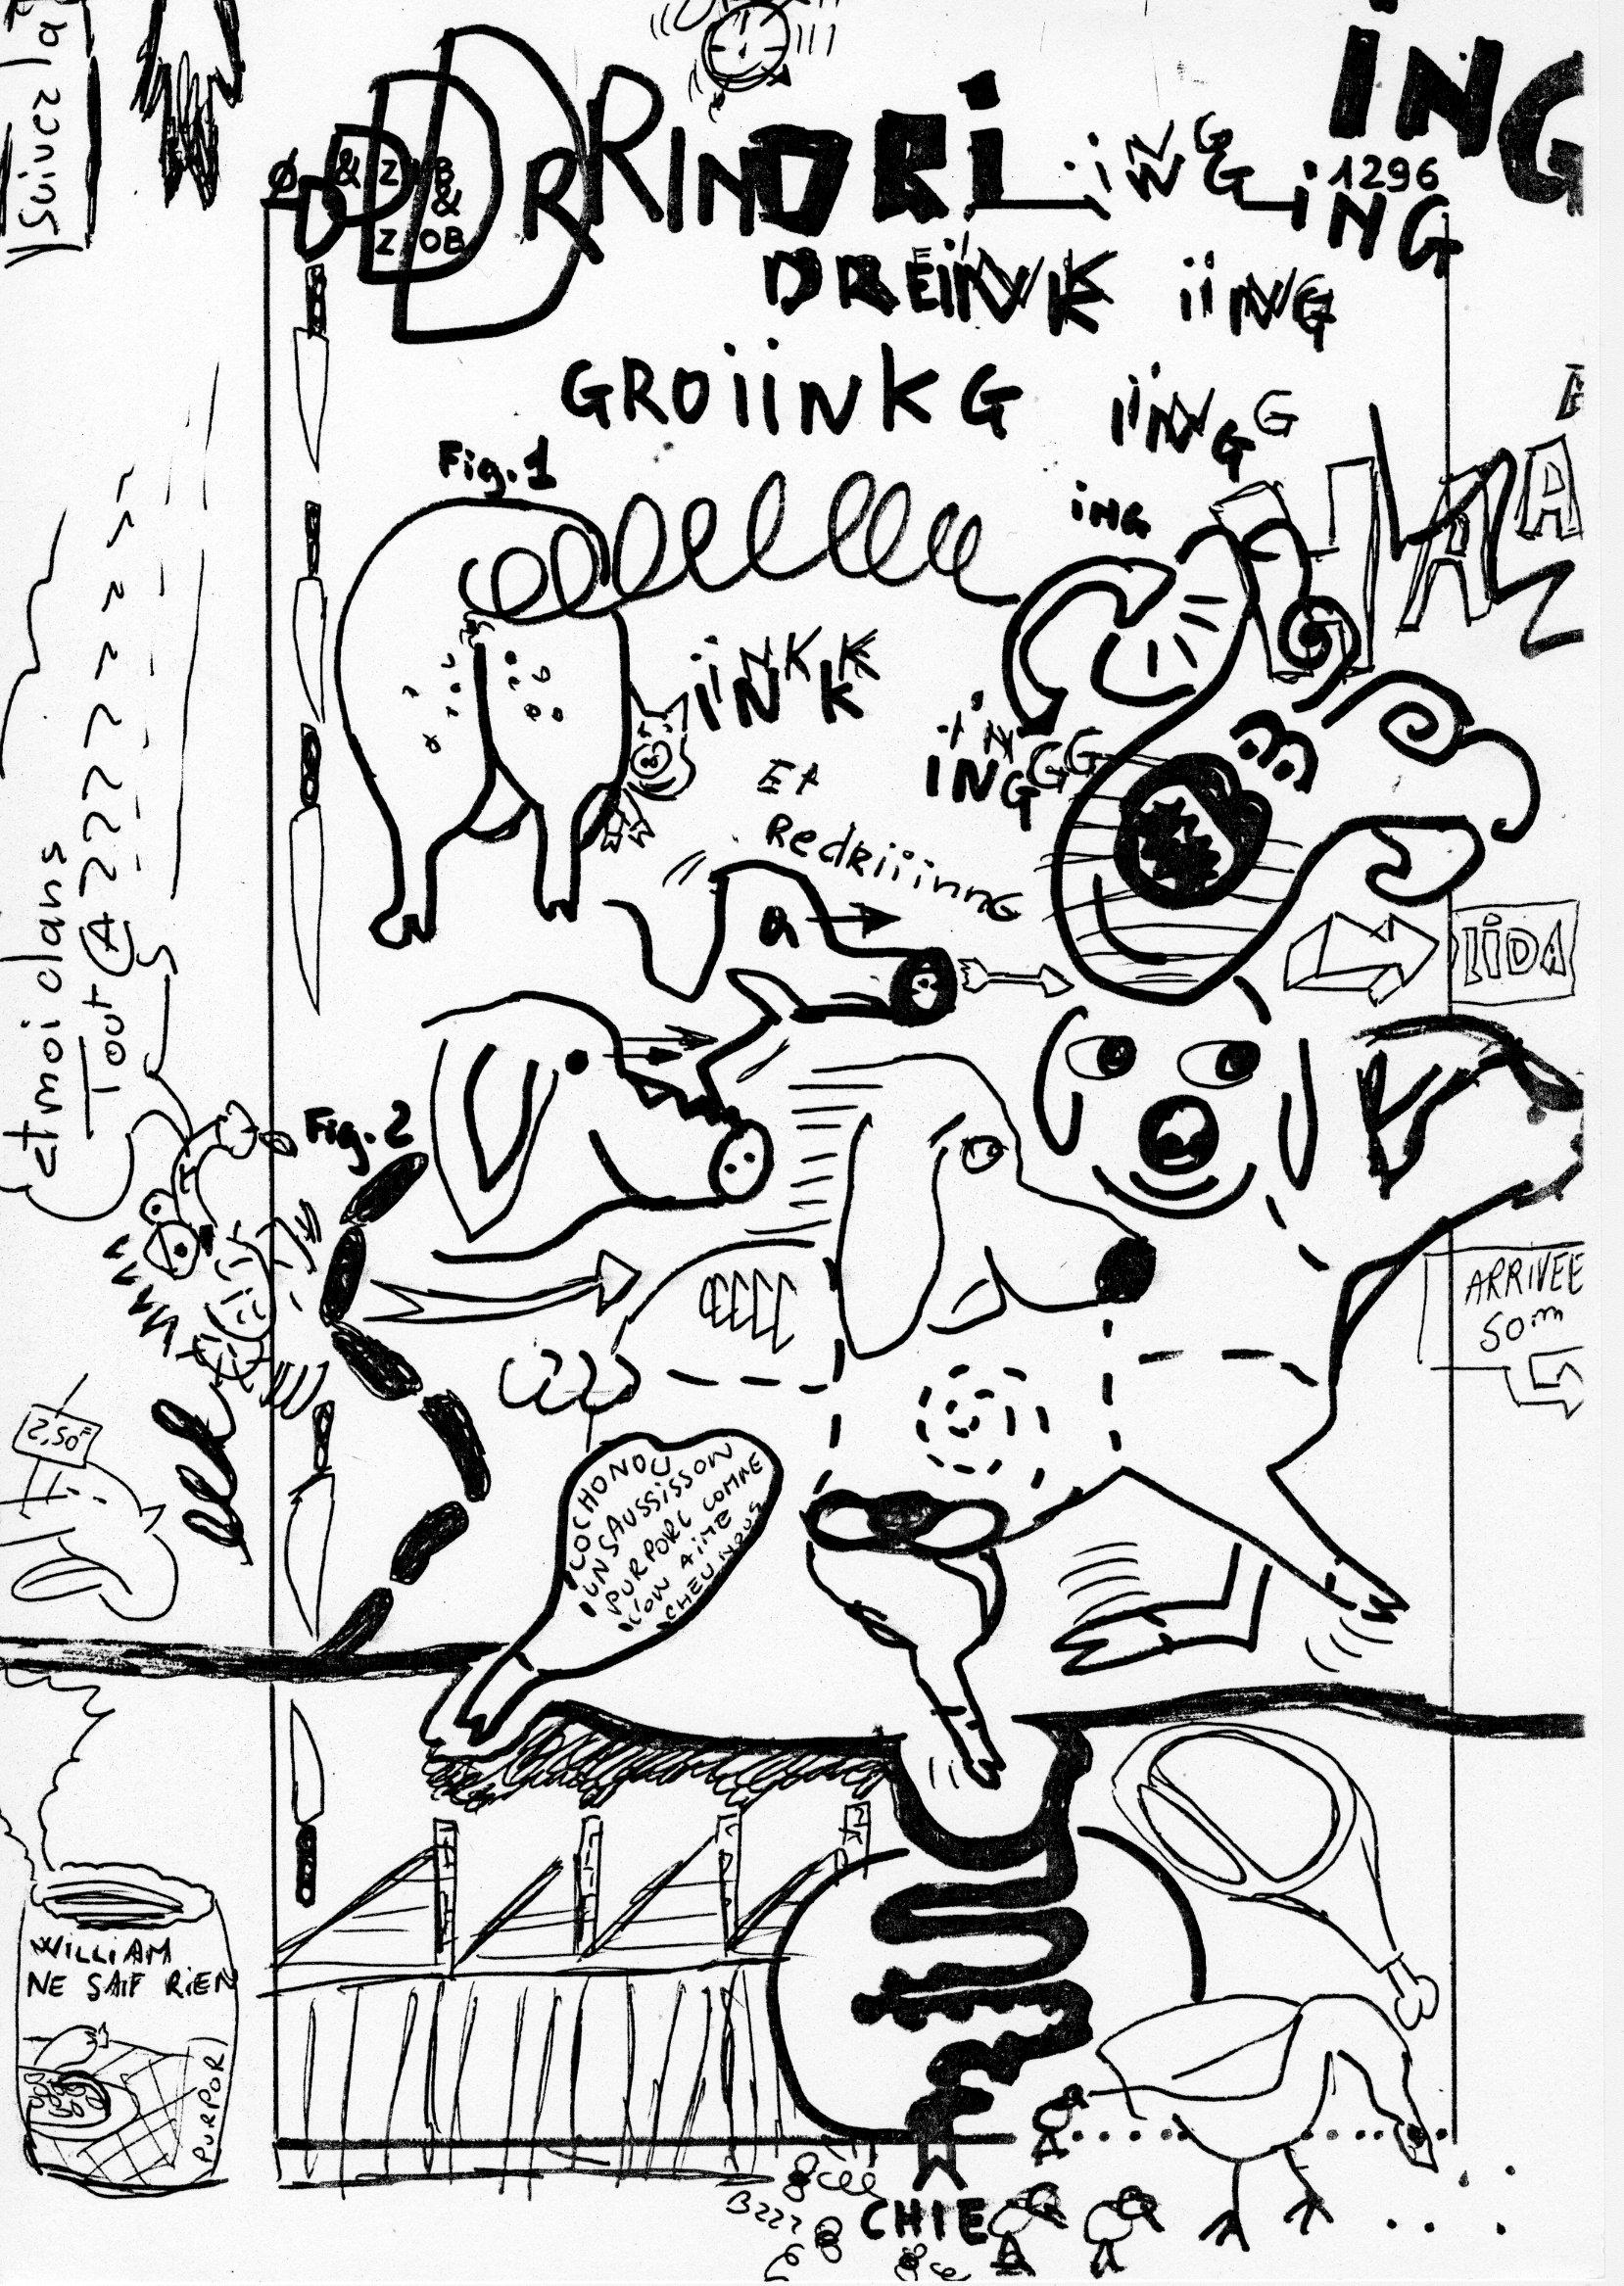 page 1296 Ensemble Vide et Zib et Zob OÏ OF OLASE